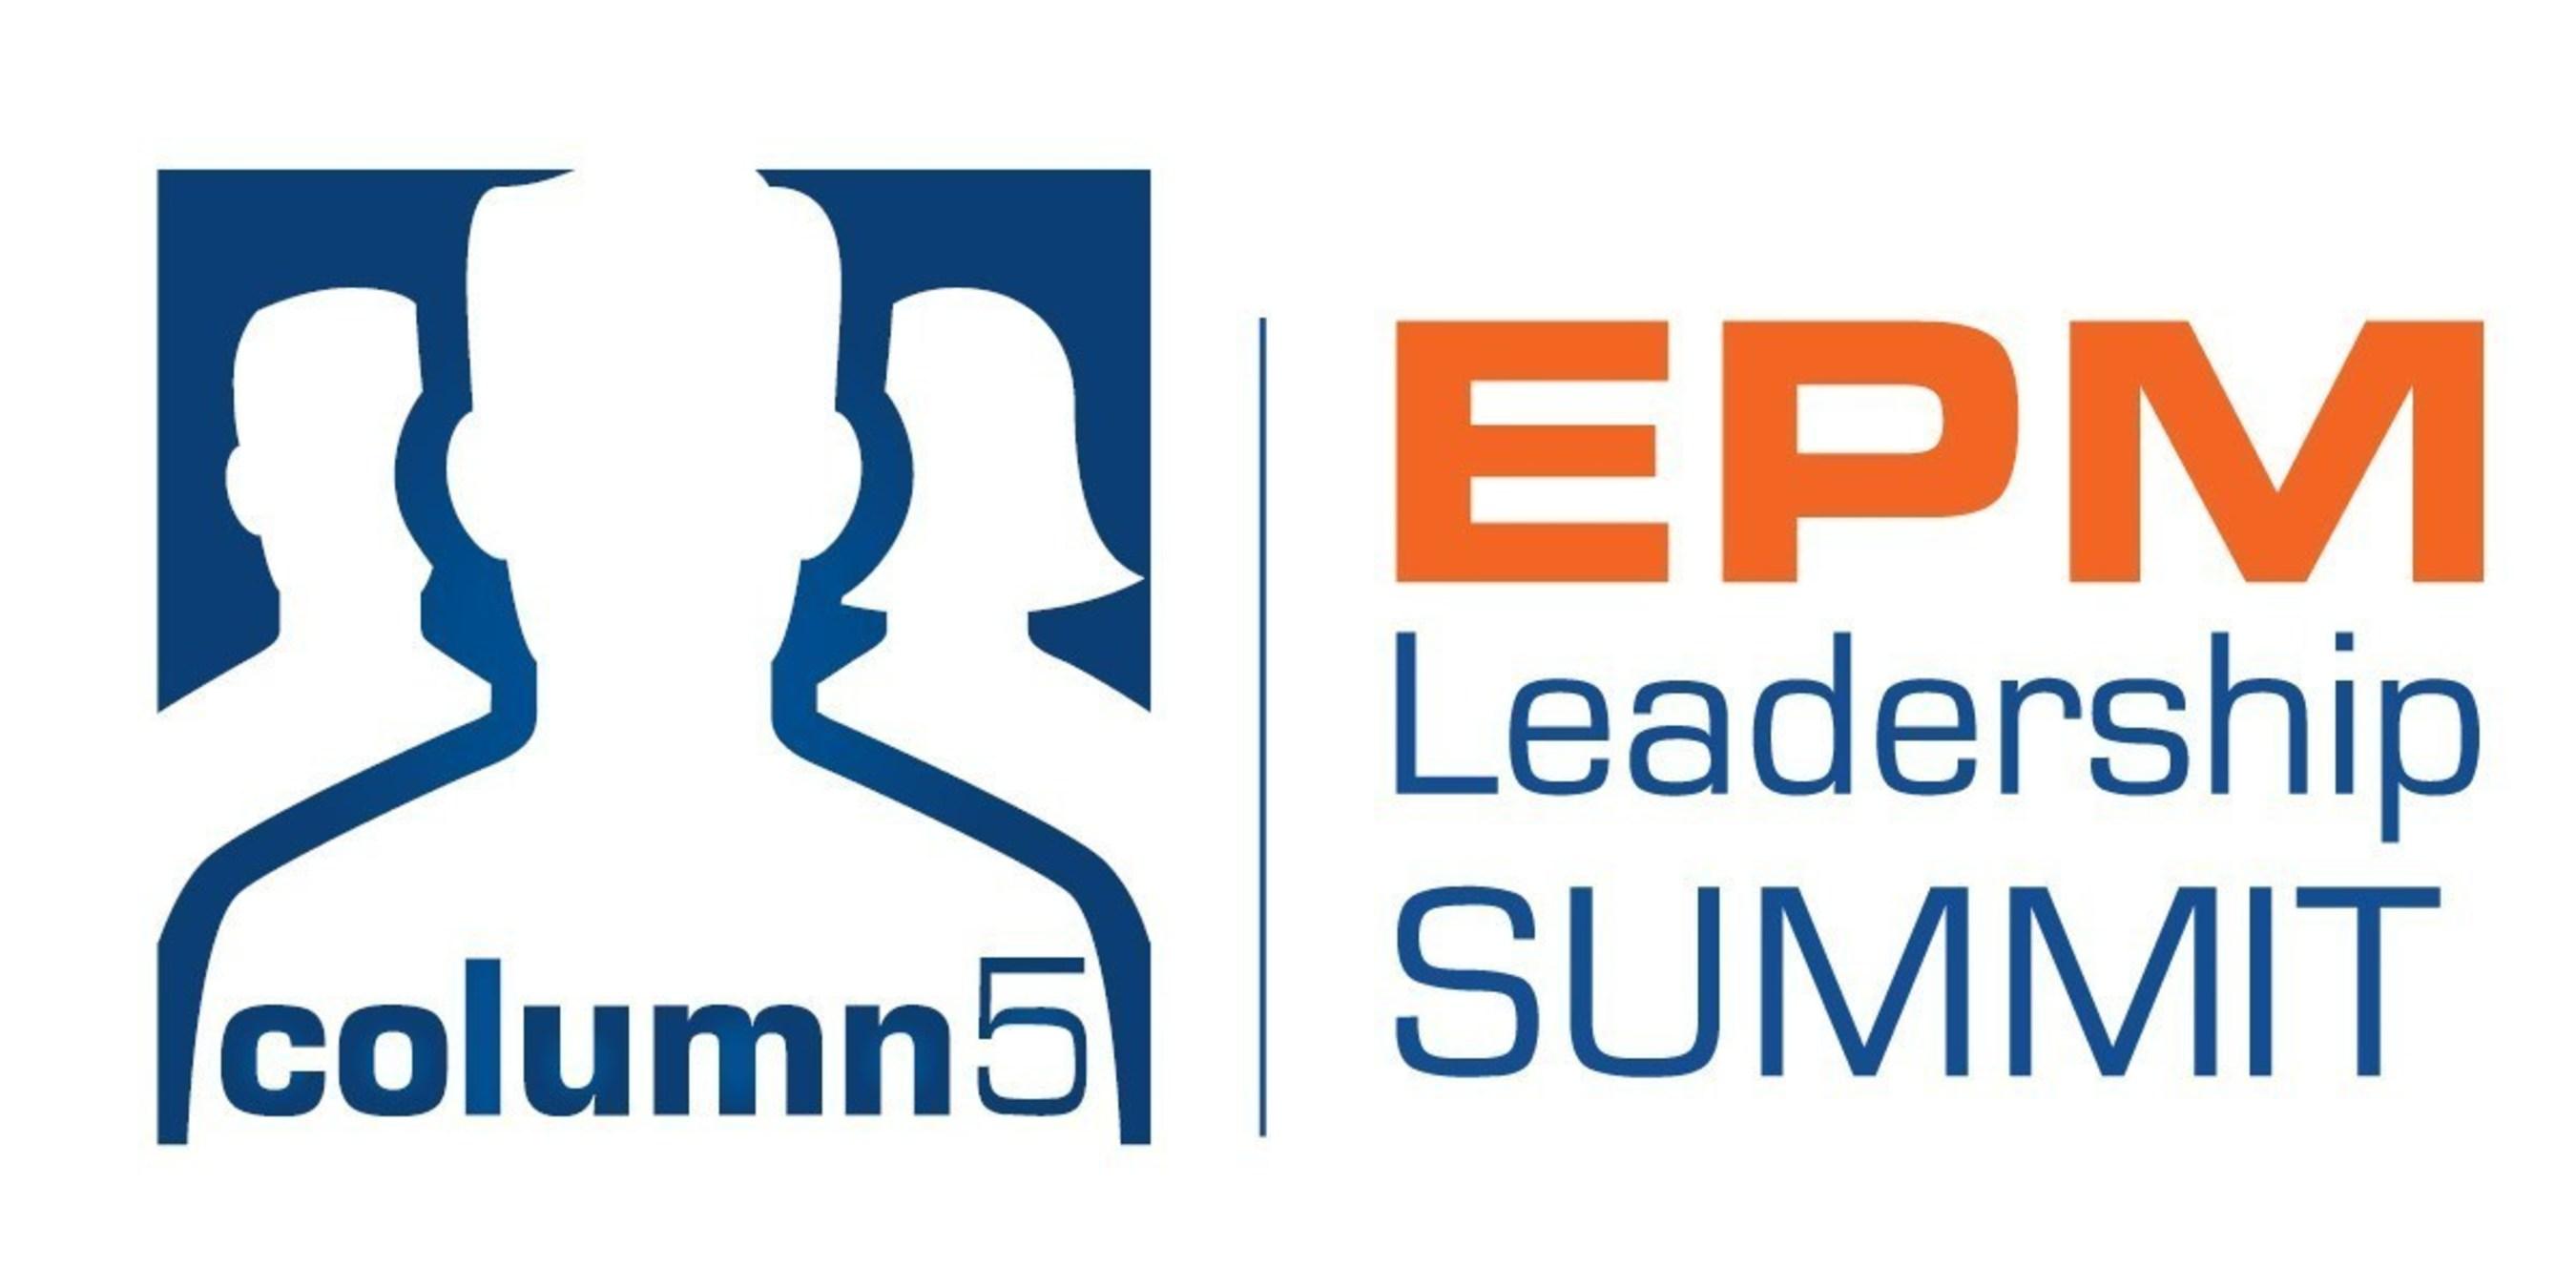 Column5 EPM Leadership Summit